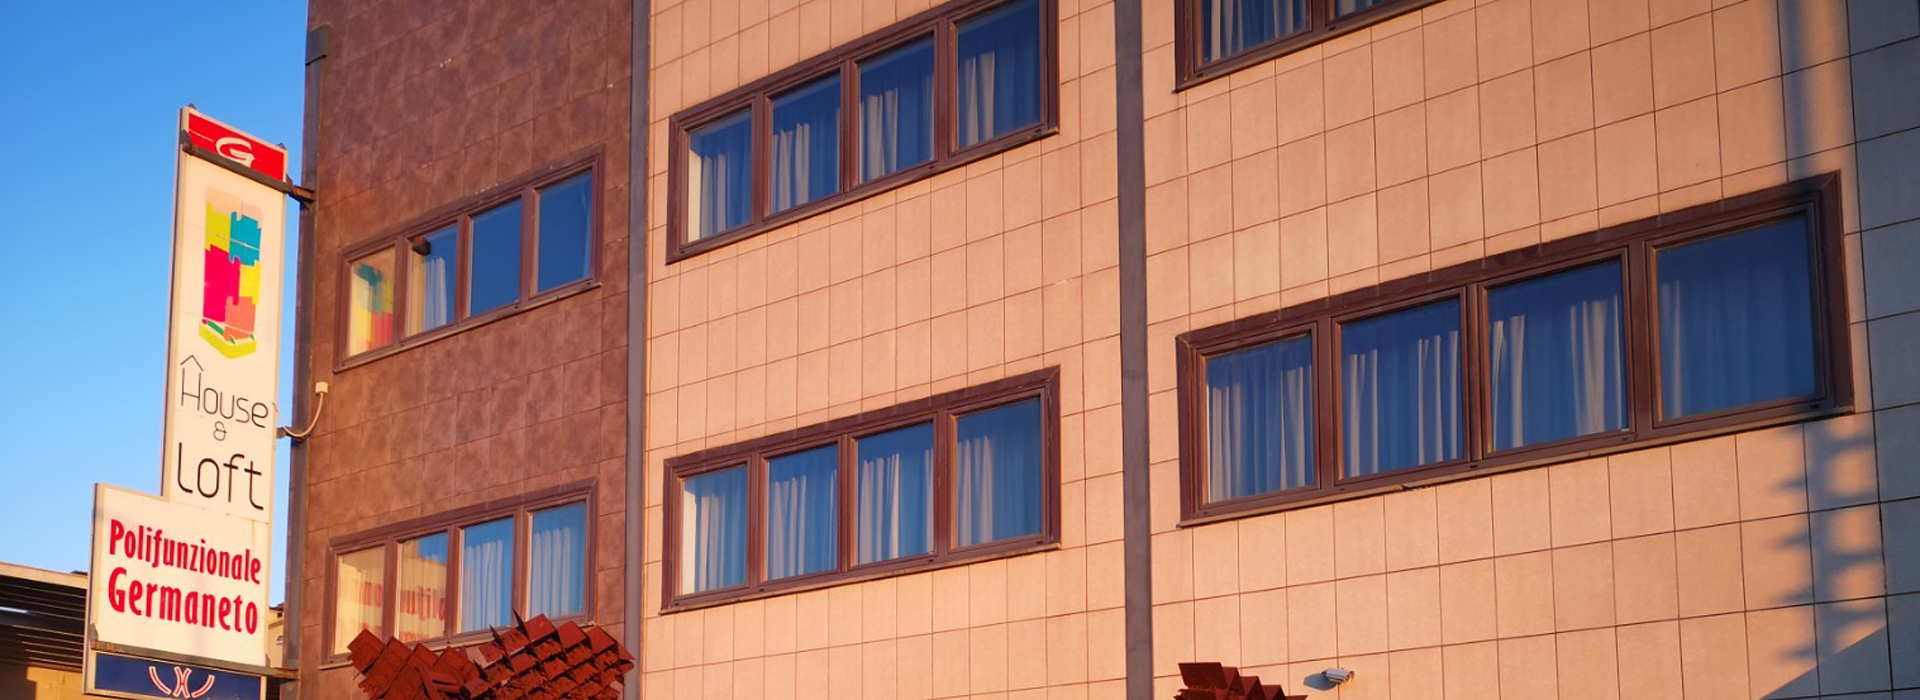 residence-germaneto-slider-h4